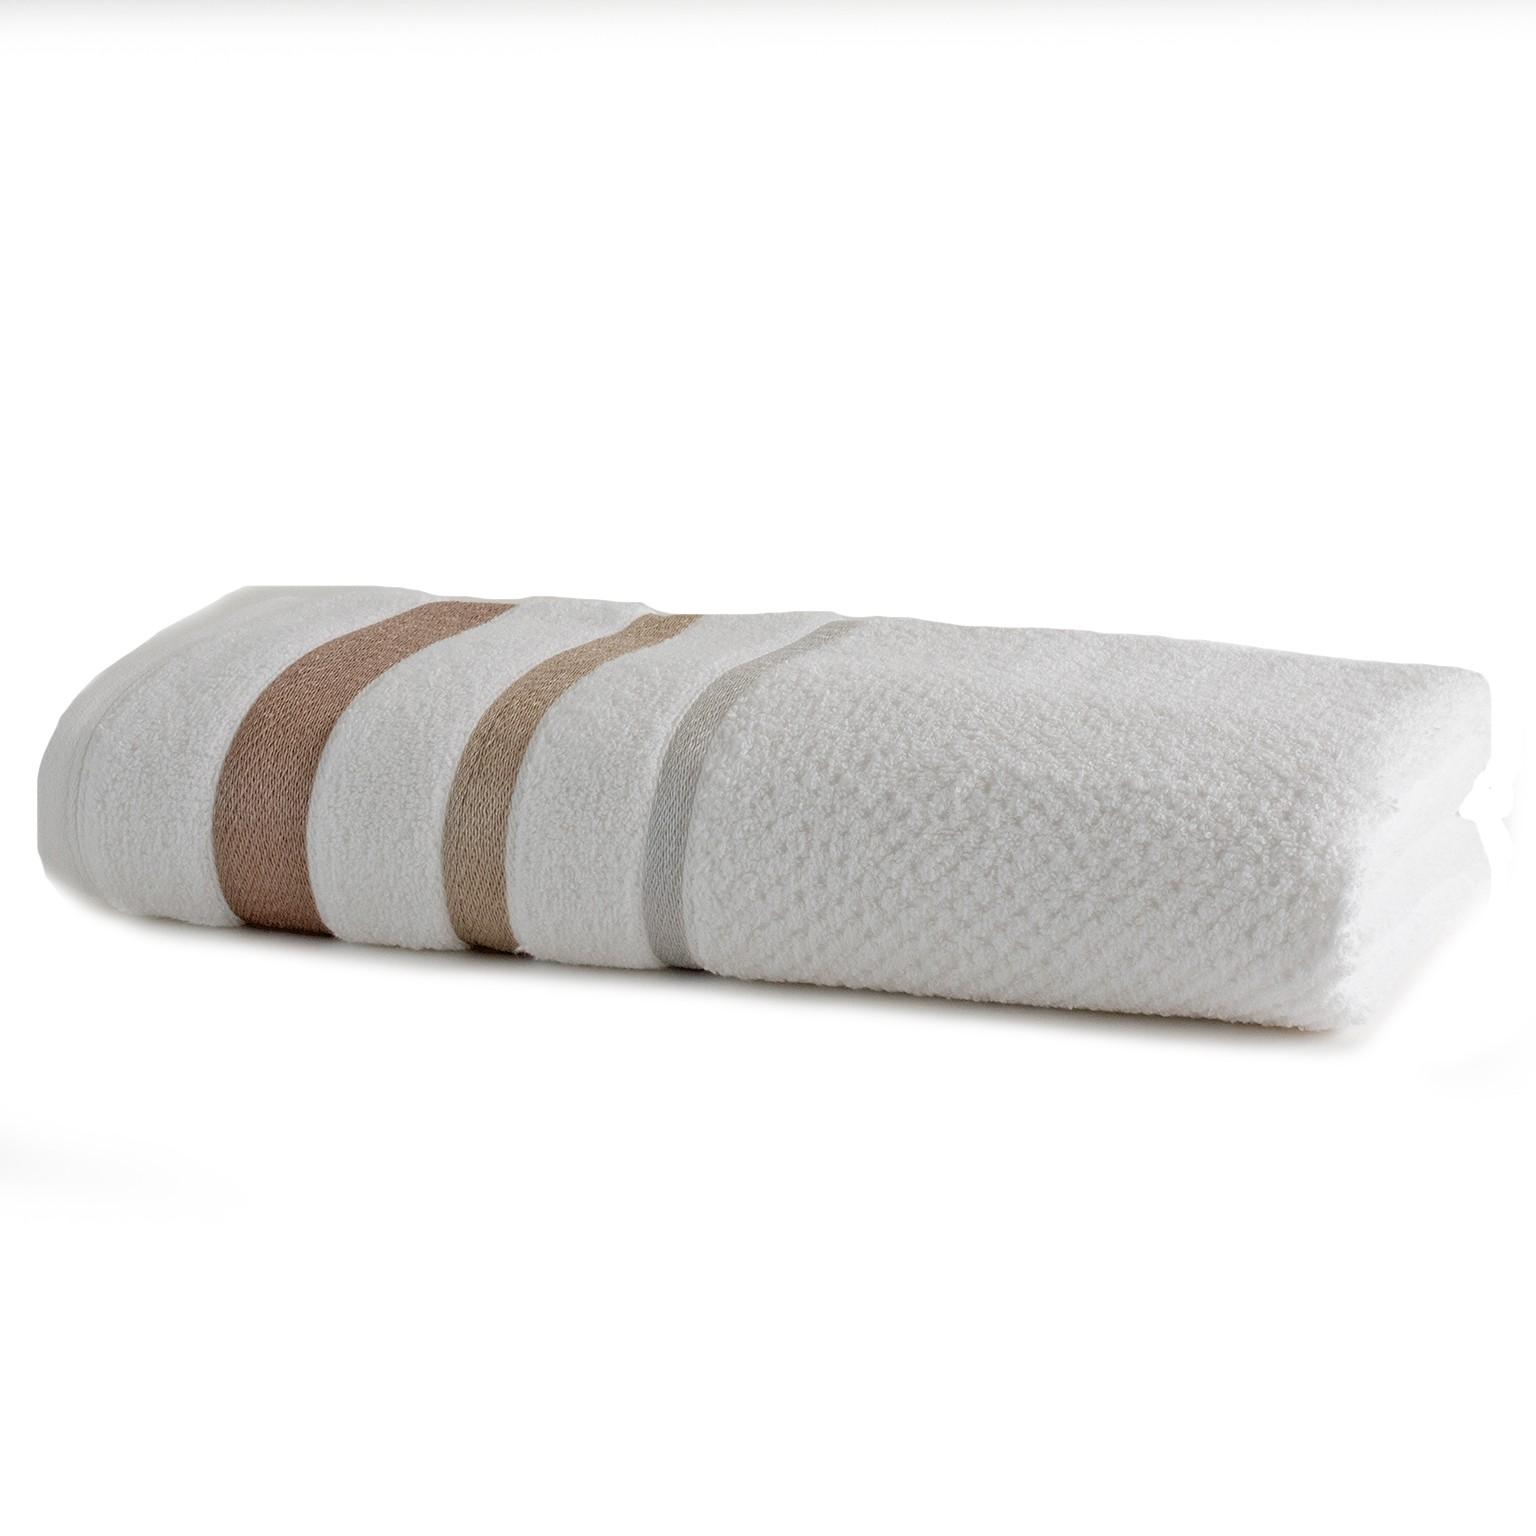 Toalha de Rosto Platinum 100 Algodao 50x70 cm Branco - Santista